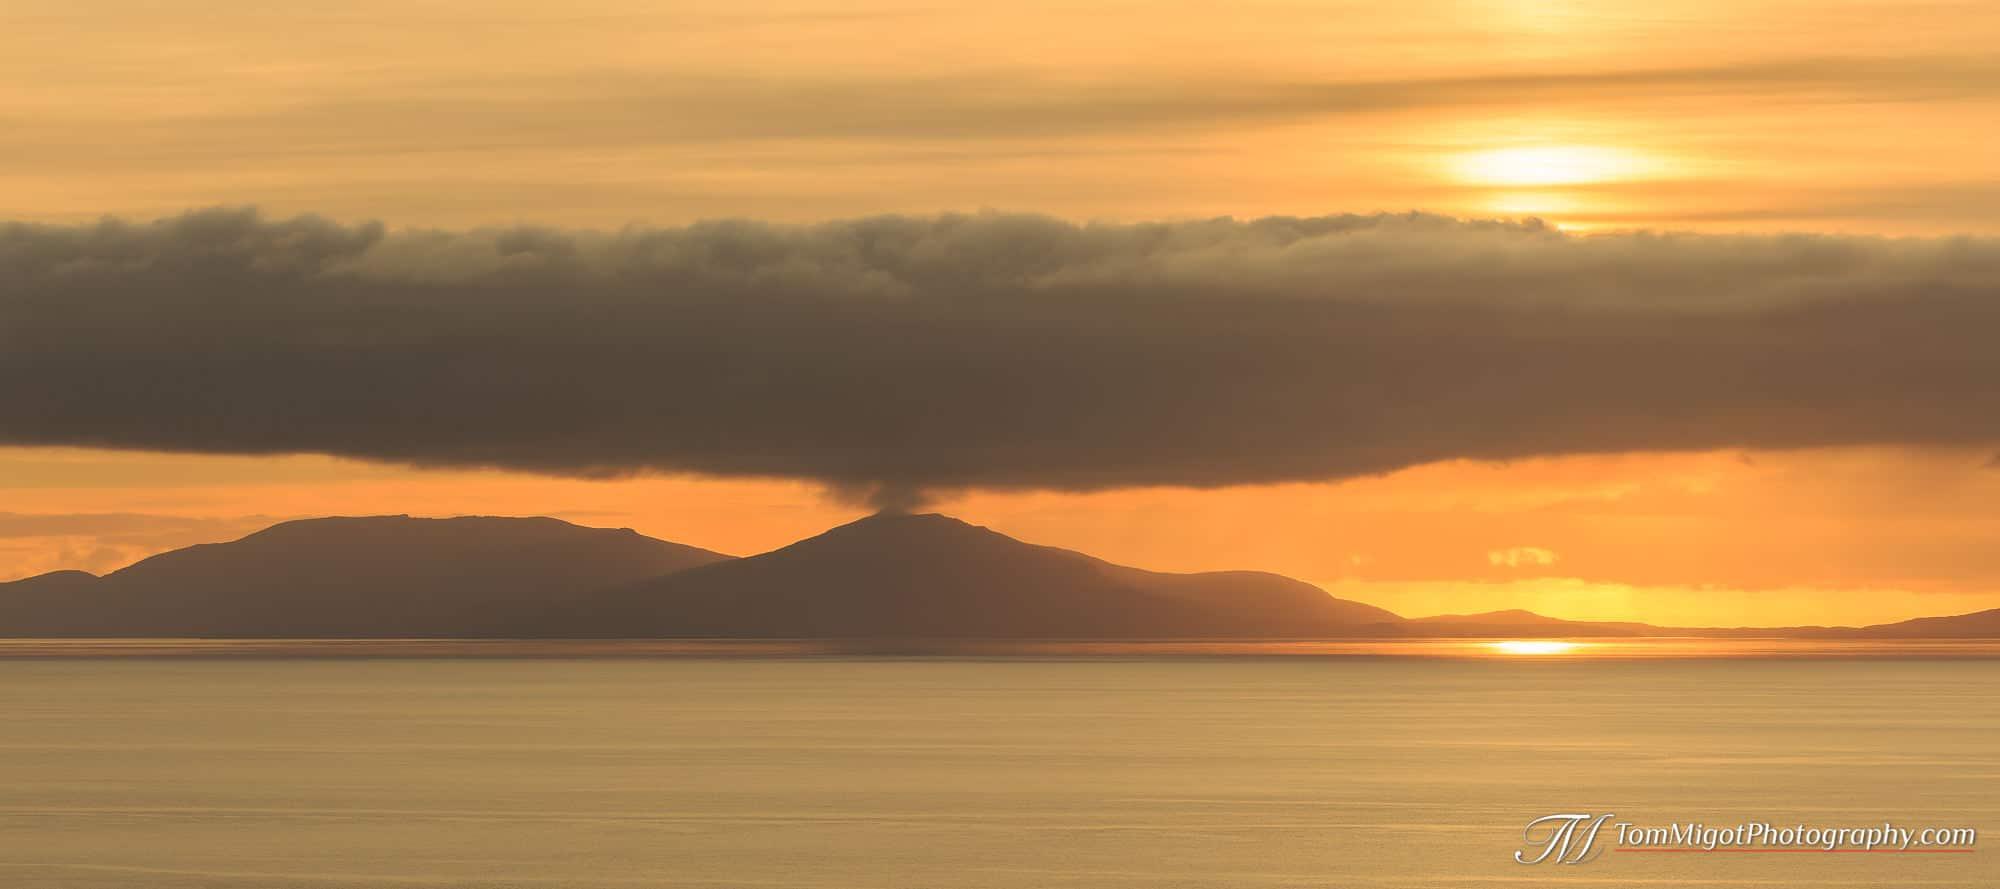 Coucher de soleil sur l'Ile de North Uist en Ecosse photographié à l'automne